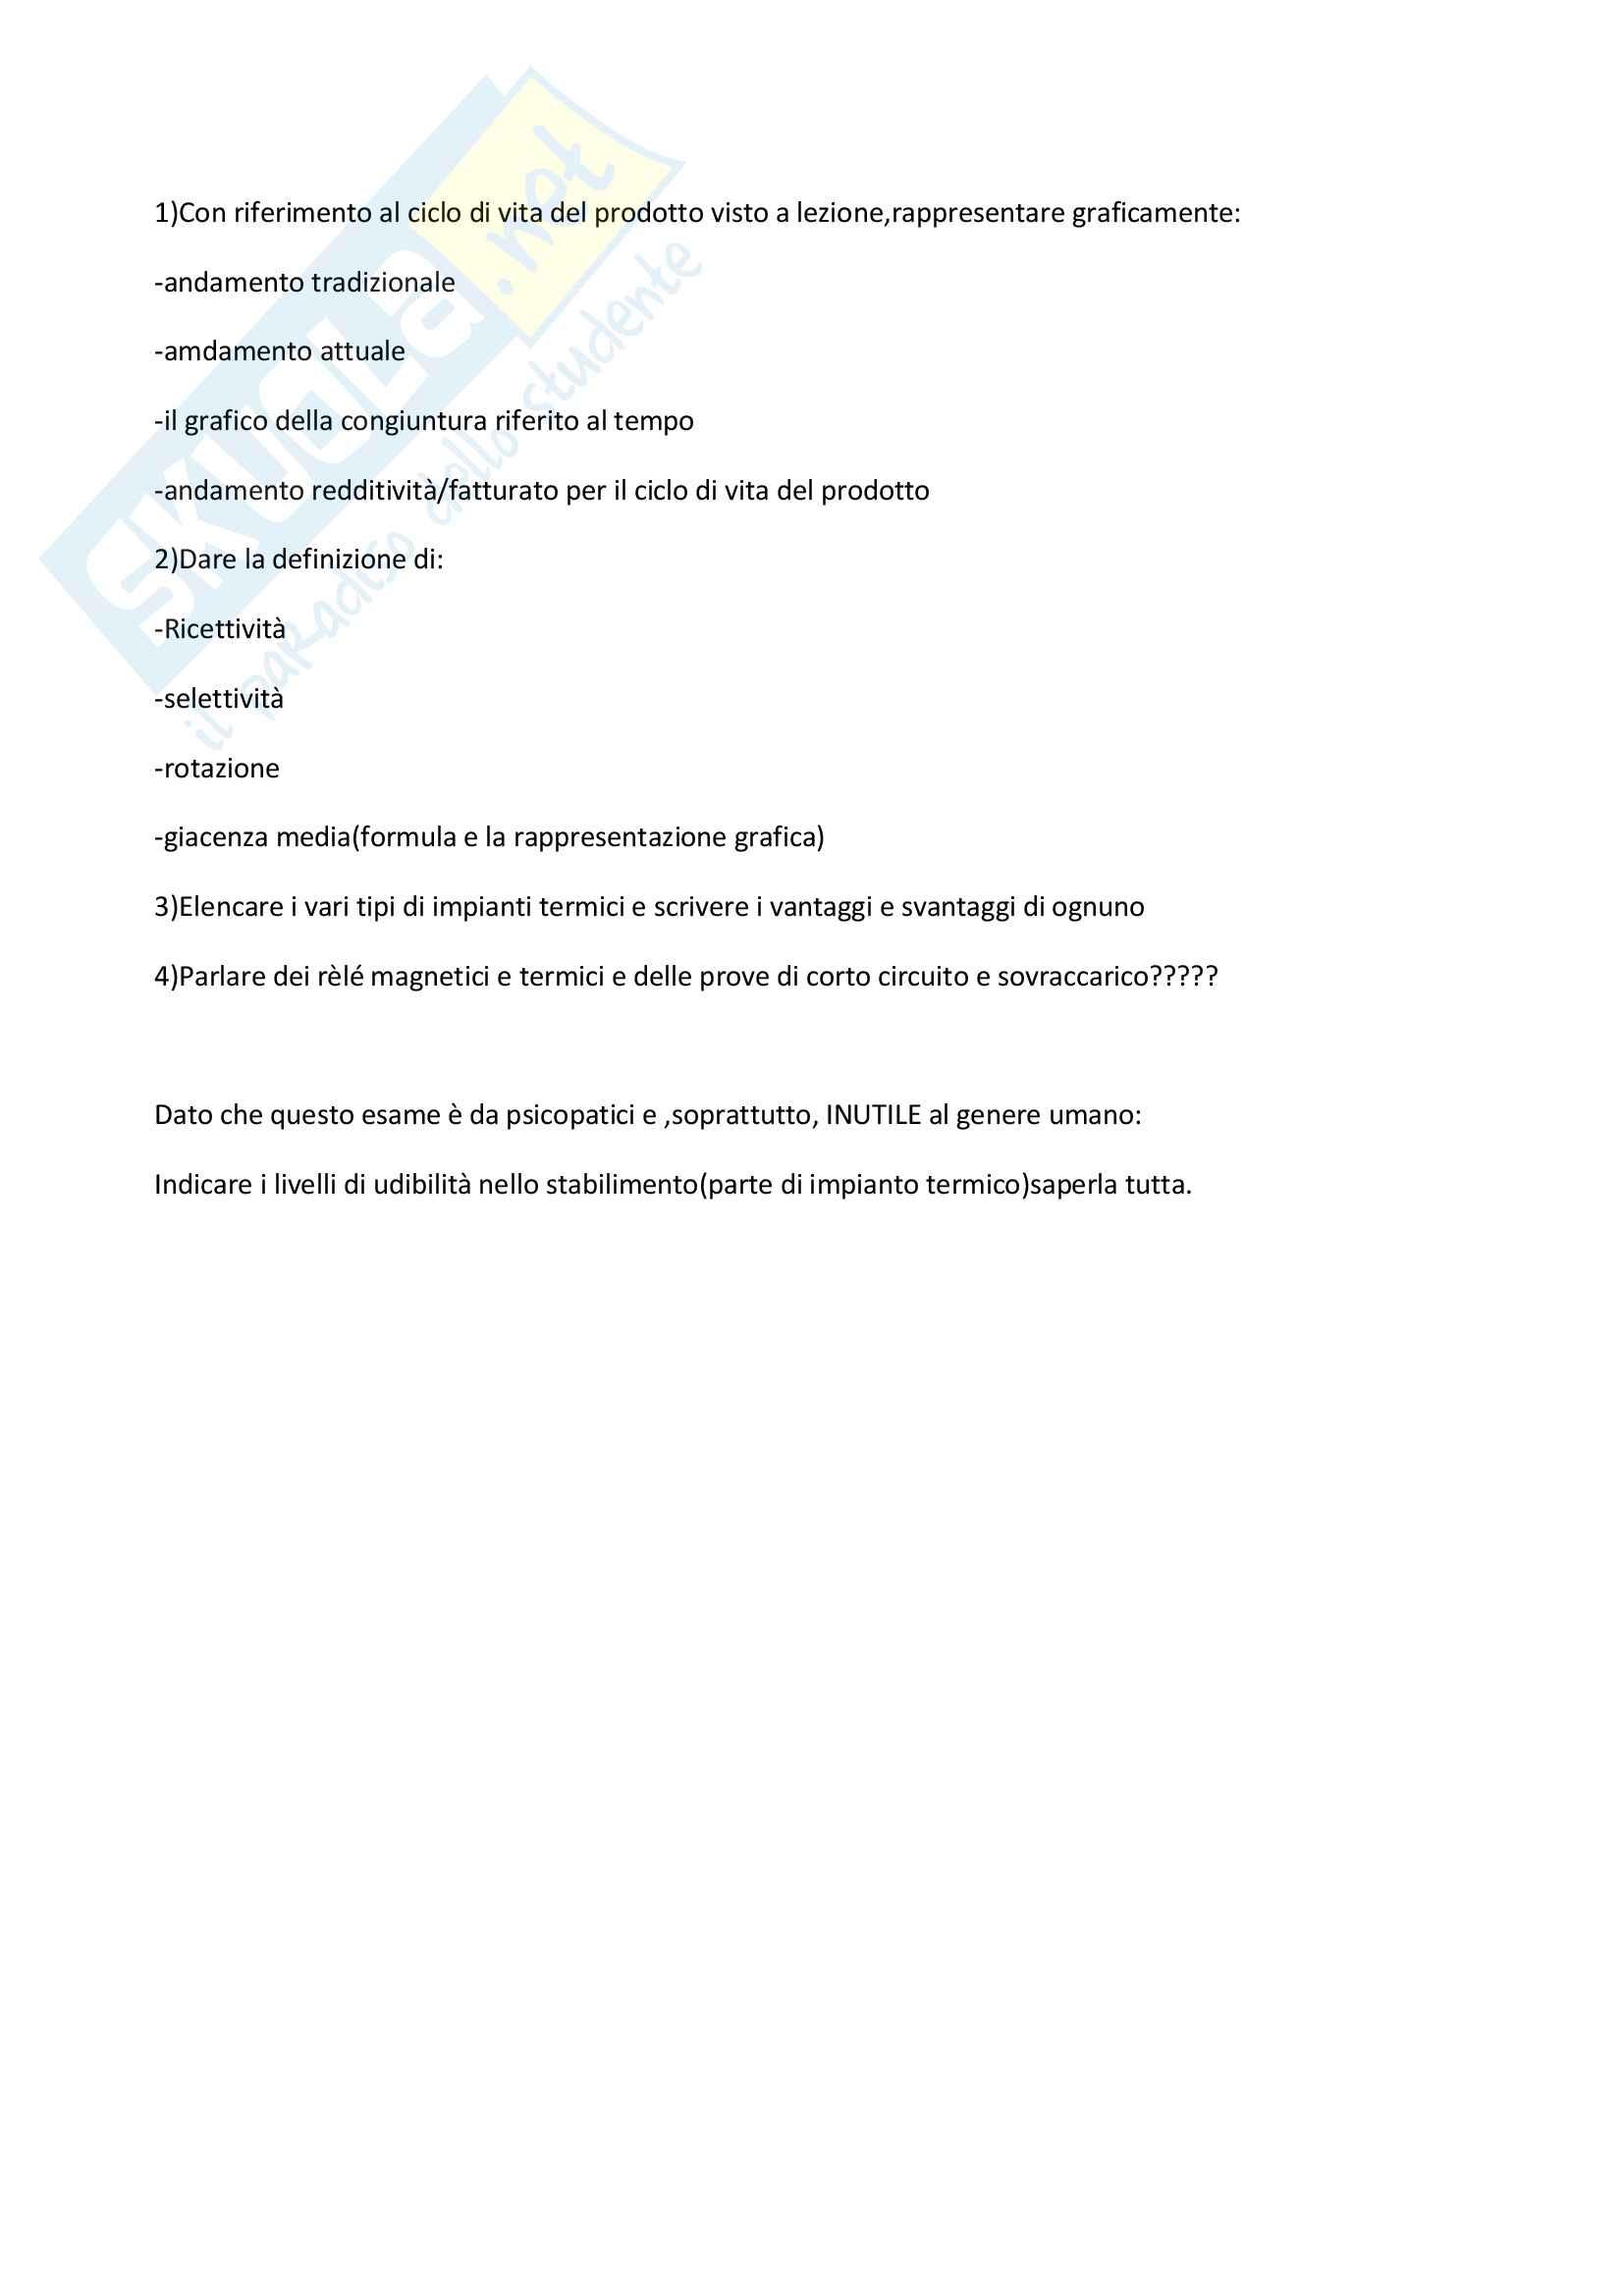 Temi d'esame e Domande svolte per l'esame di Impianti industriali e sicurezza sul lavoro Pag. 21